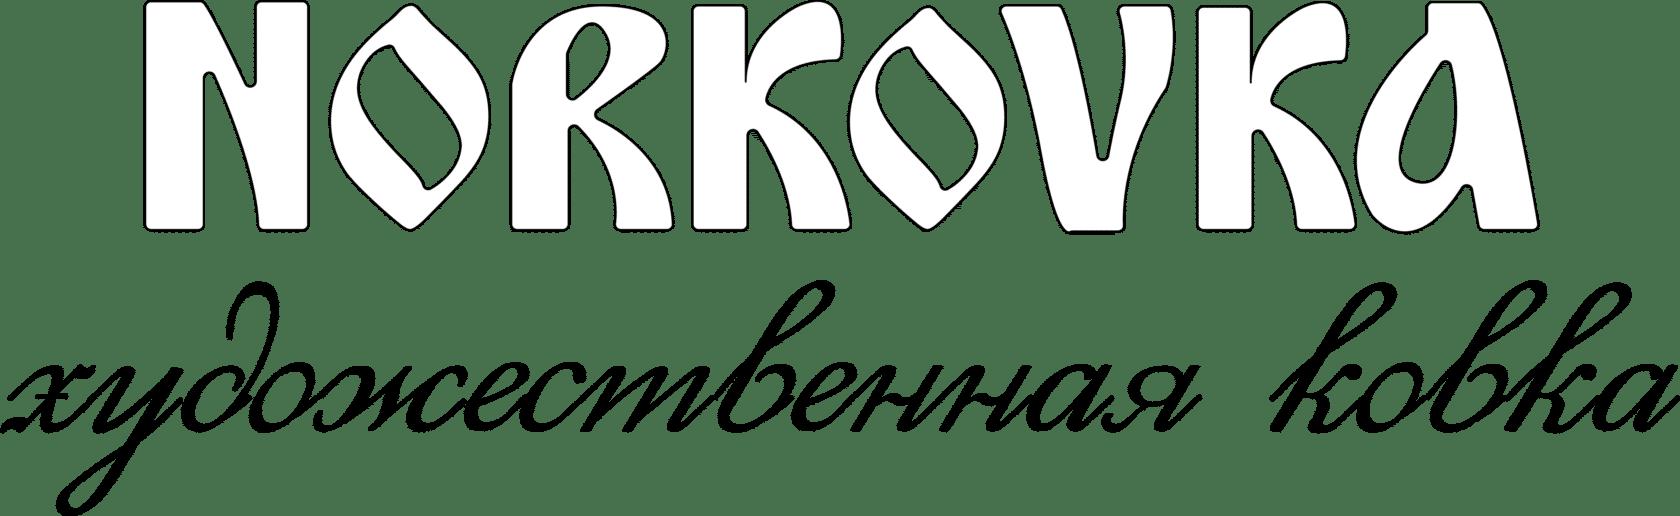 Кованые мосты Кованый мост из прутка Арт. МО-015 Norkovka